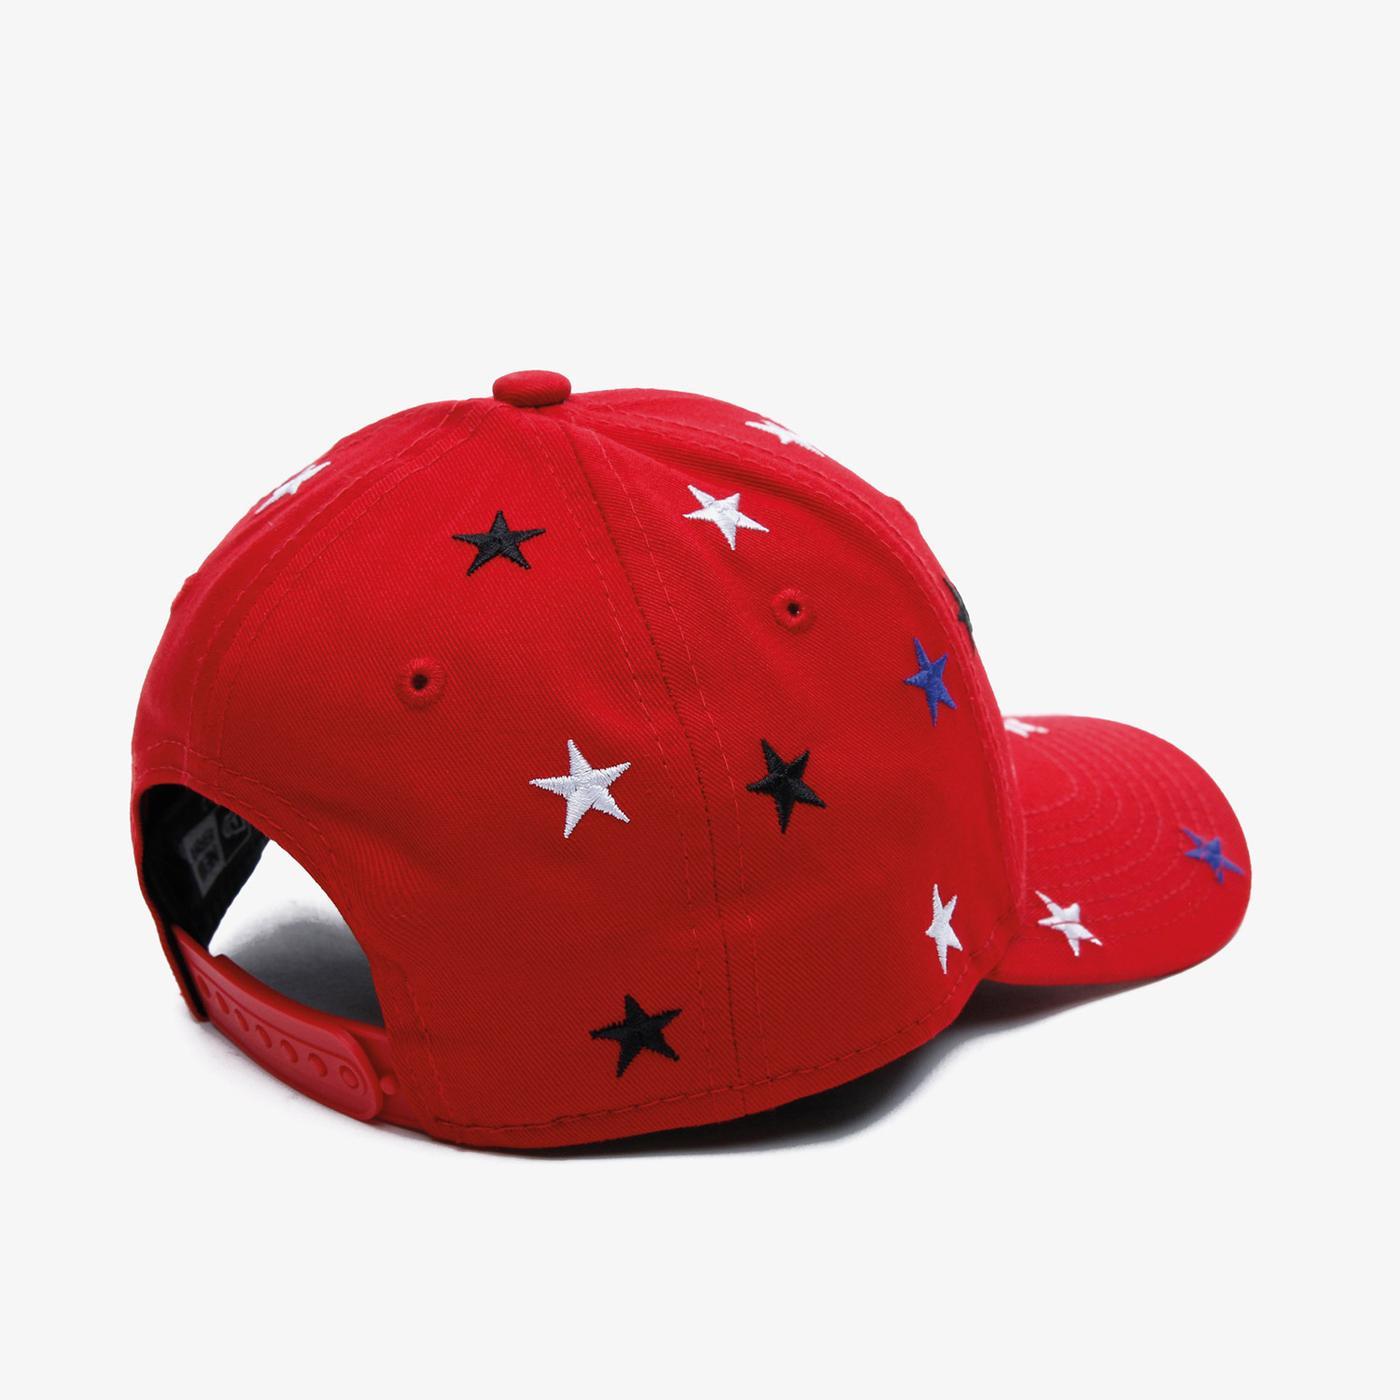 New Era New York Yankees 940 Çocuk Kırmızı Şapka